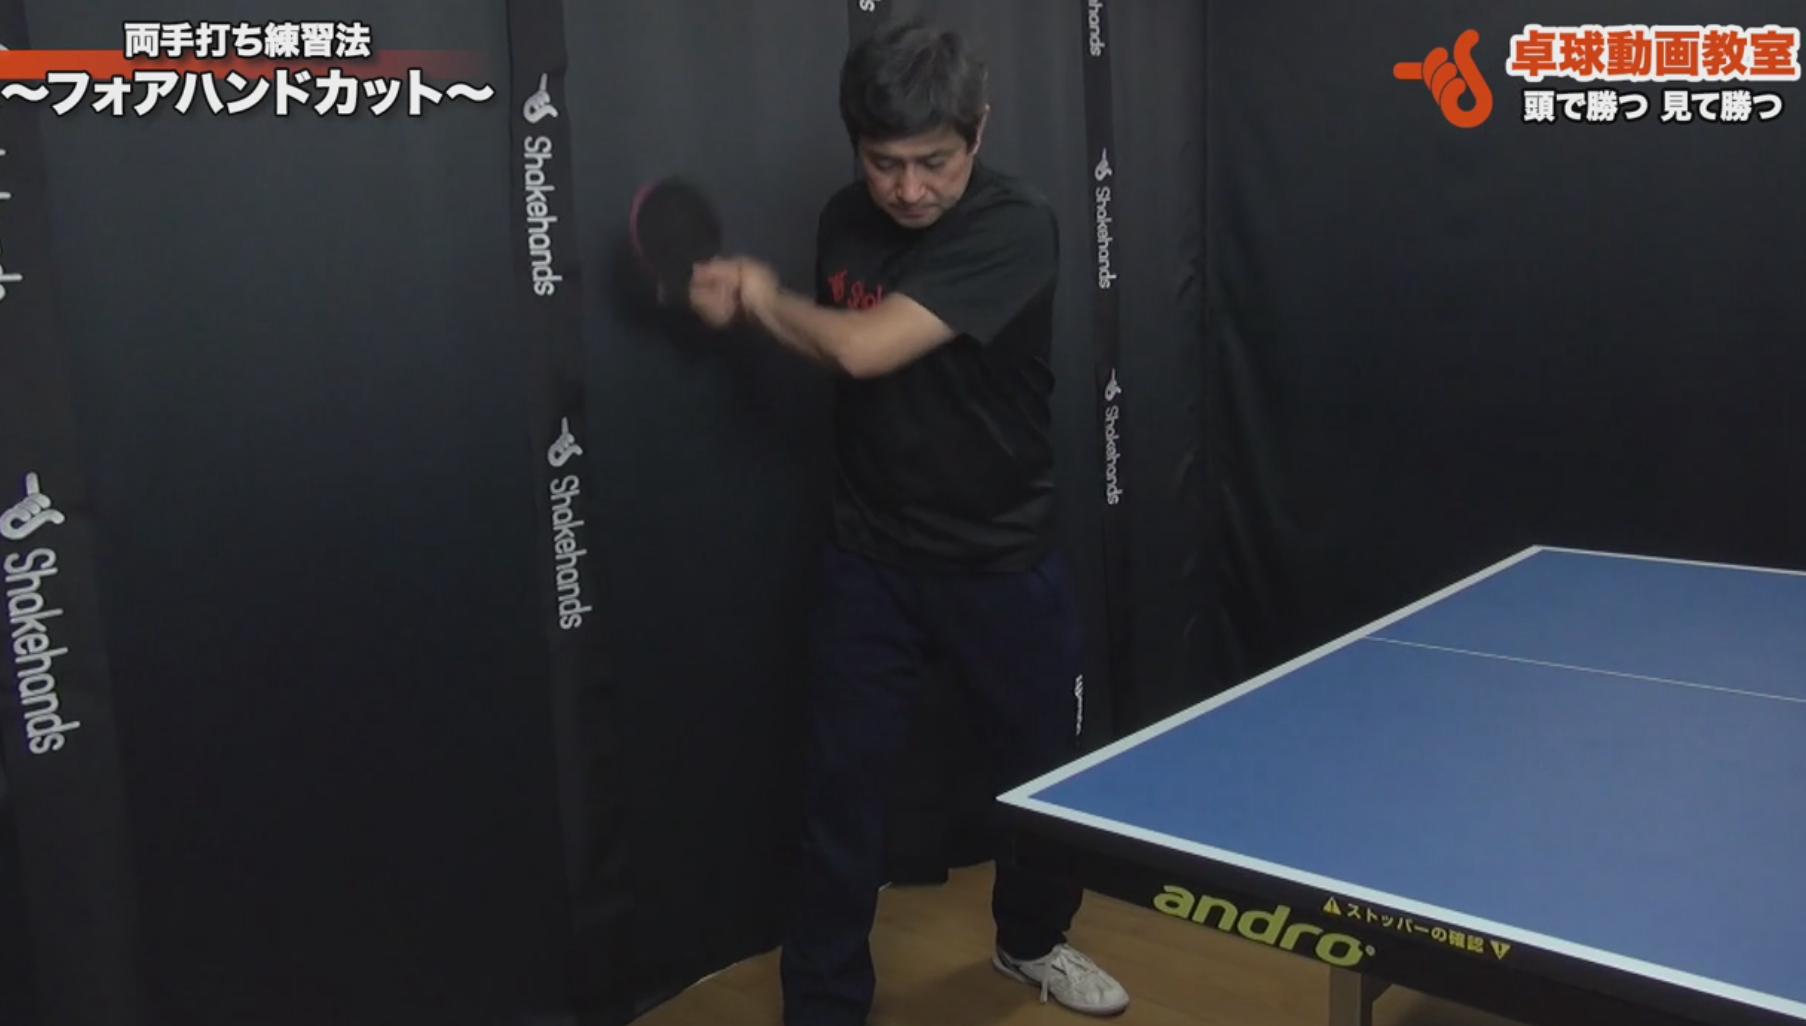 フォアハンドカットー両手打ち練習法(平岡義博)